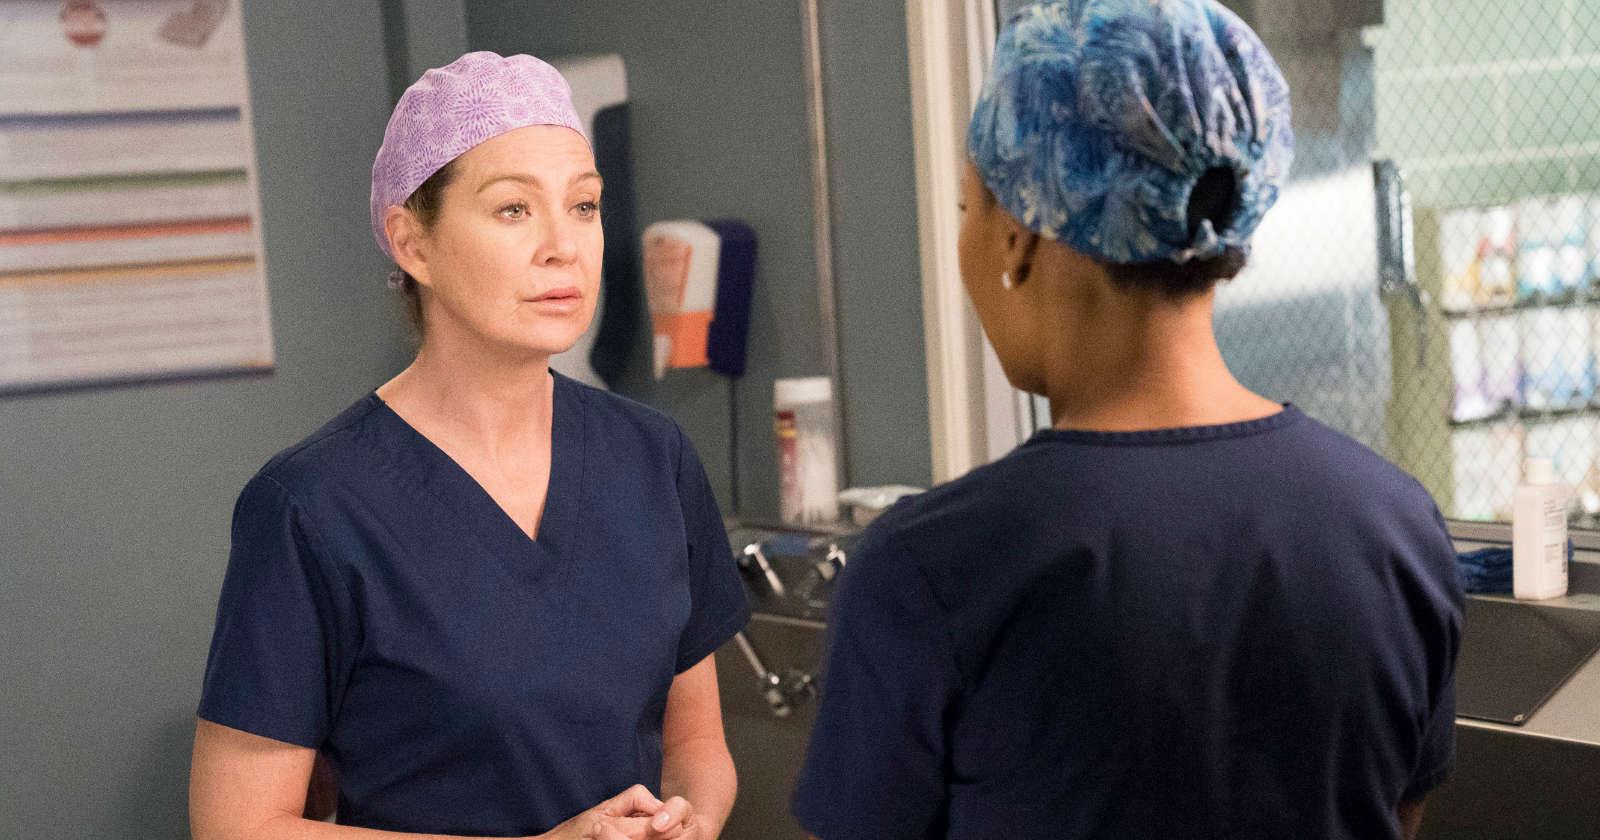 La serie veterana Grey's Anatomy abordará el coronavirus en temporada 17